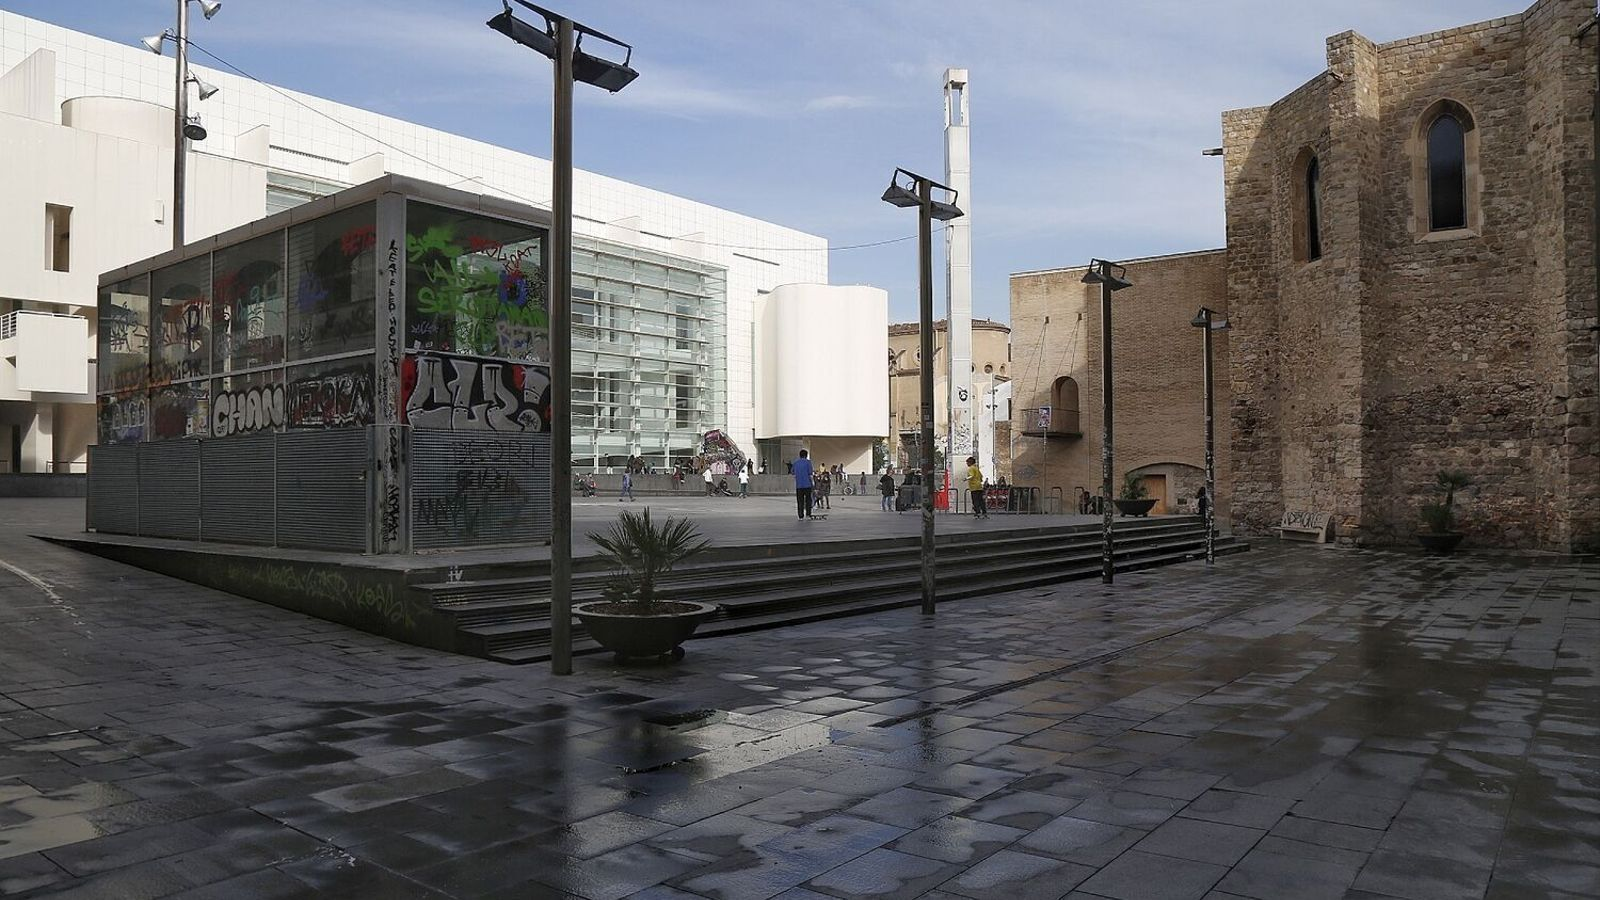 La Plaça dels Àngels, vista desde el punt on s'ubicarà el nou edifici. / FRANCESC MELCION